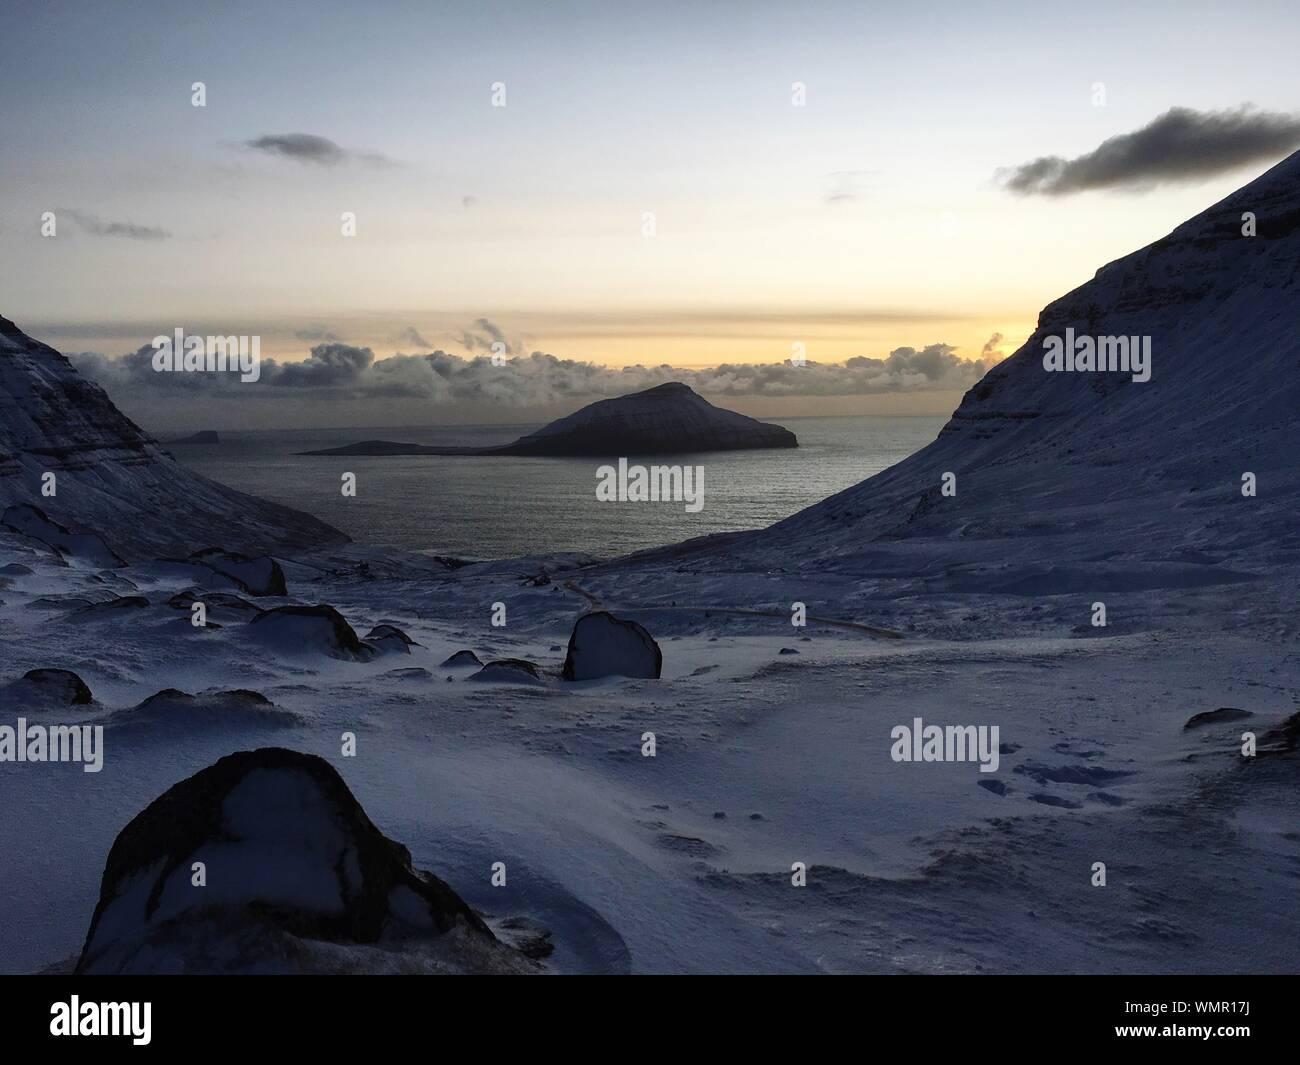 Malerischer Blick auf schneebedeckte Berge, Meer gegen Sky Stockfoto